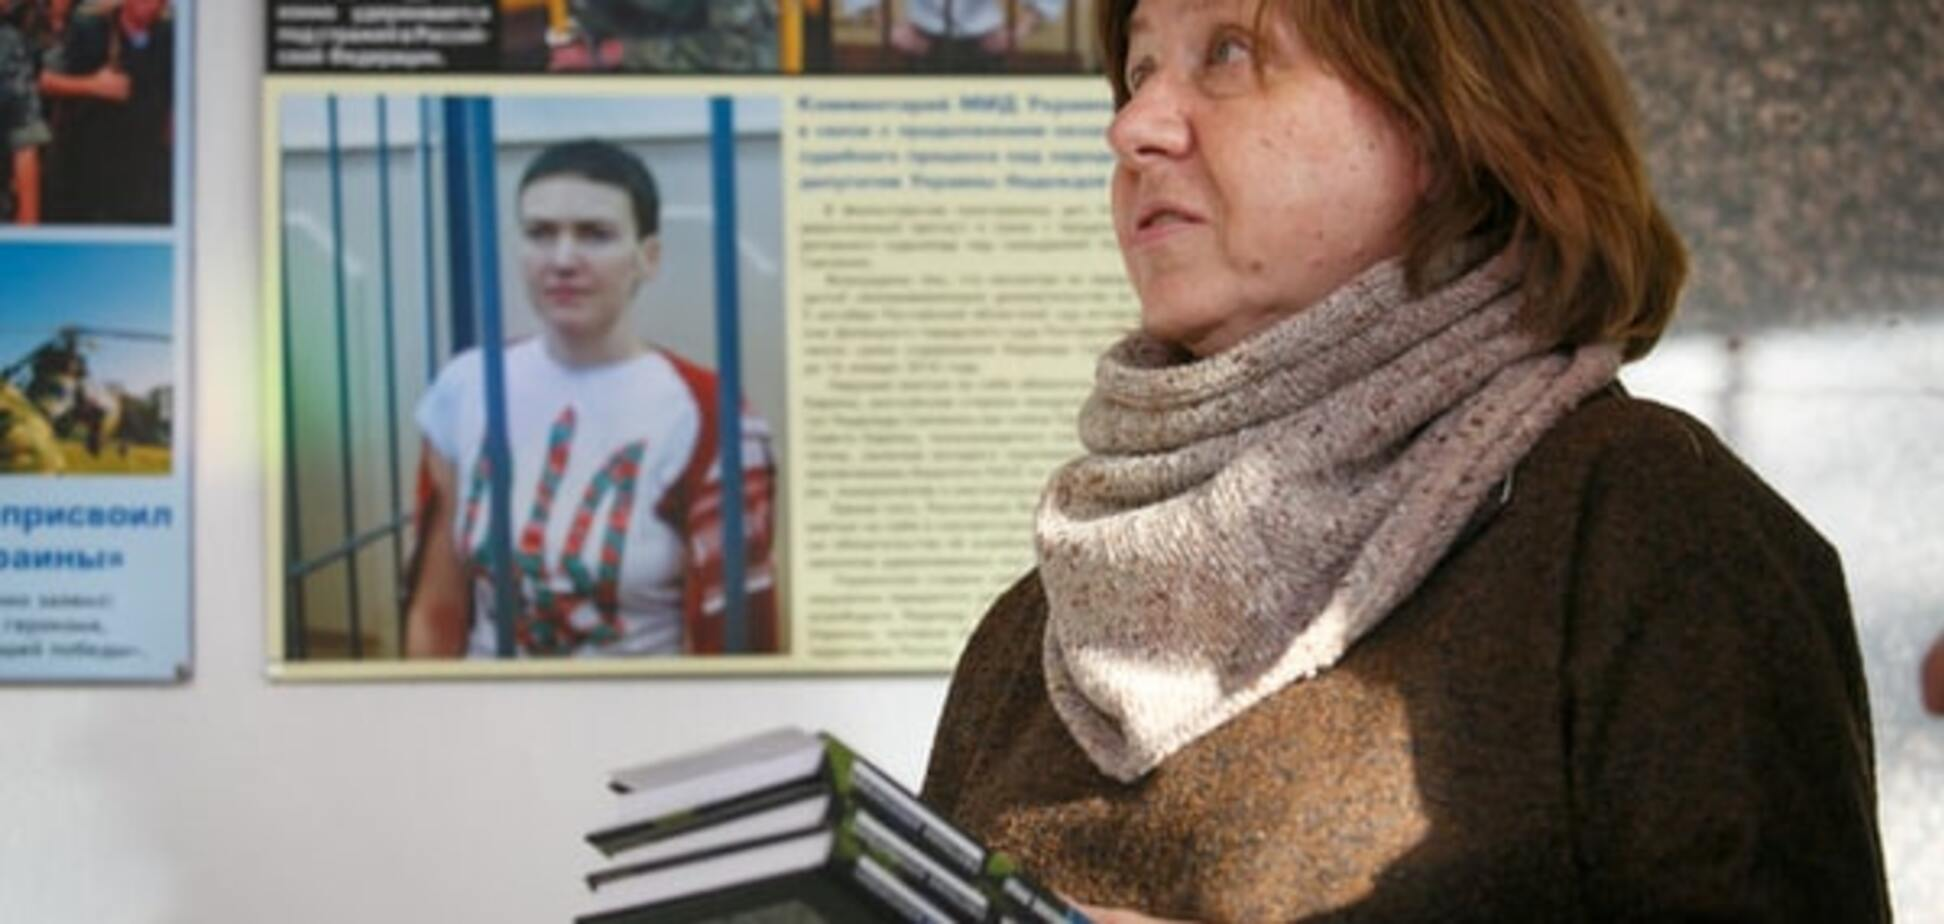 Світлана Алексієвич передала Надії Савченко свої книги